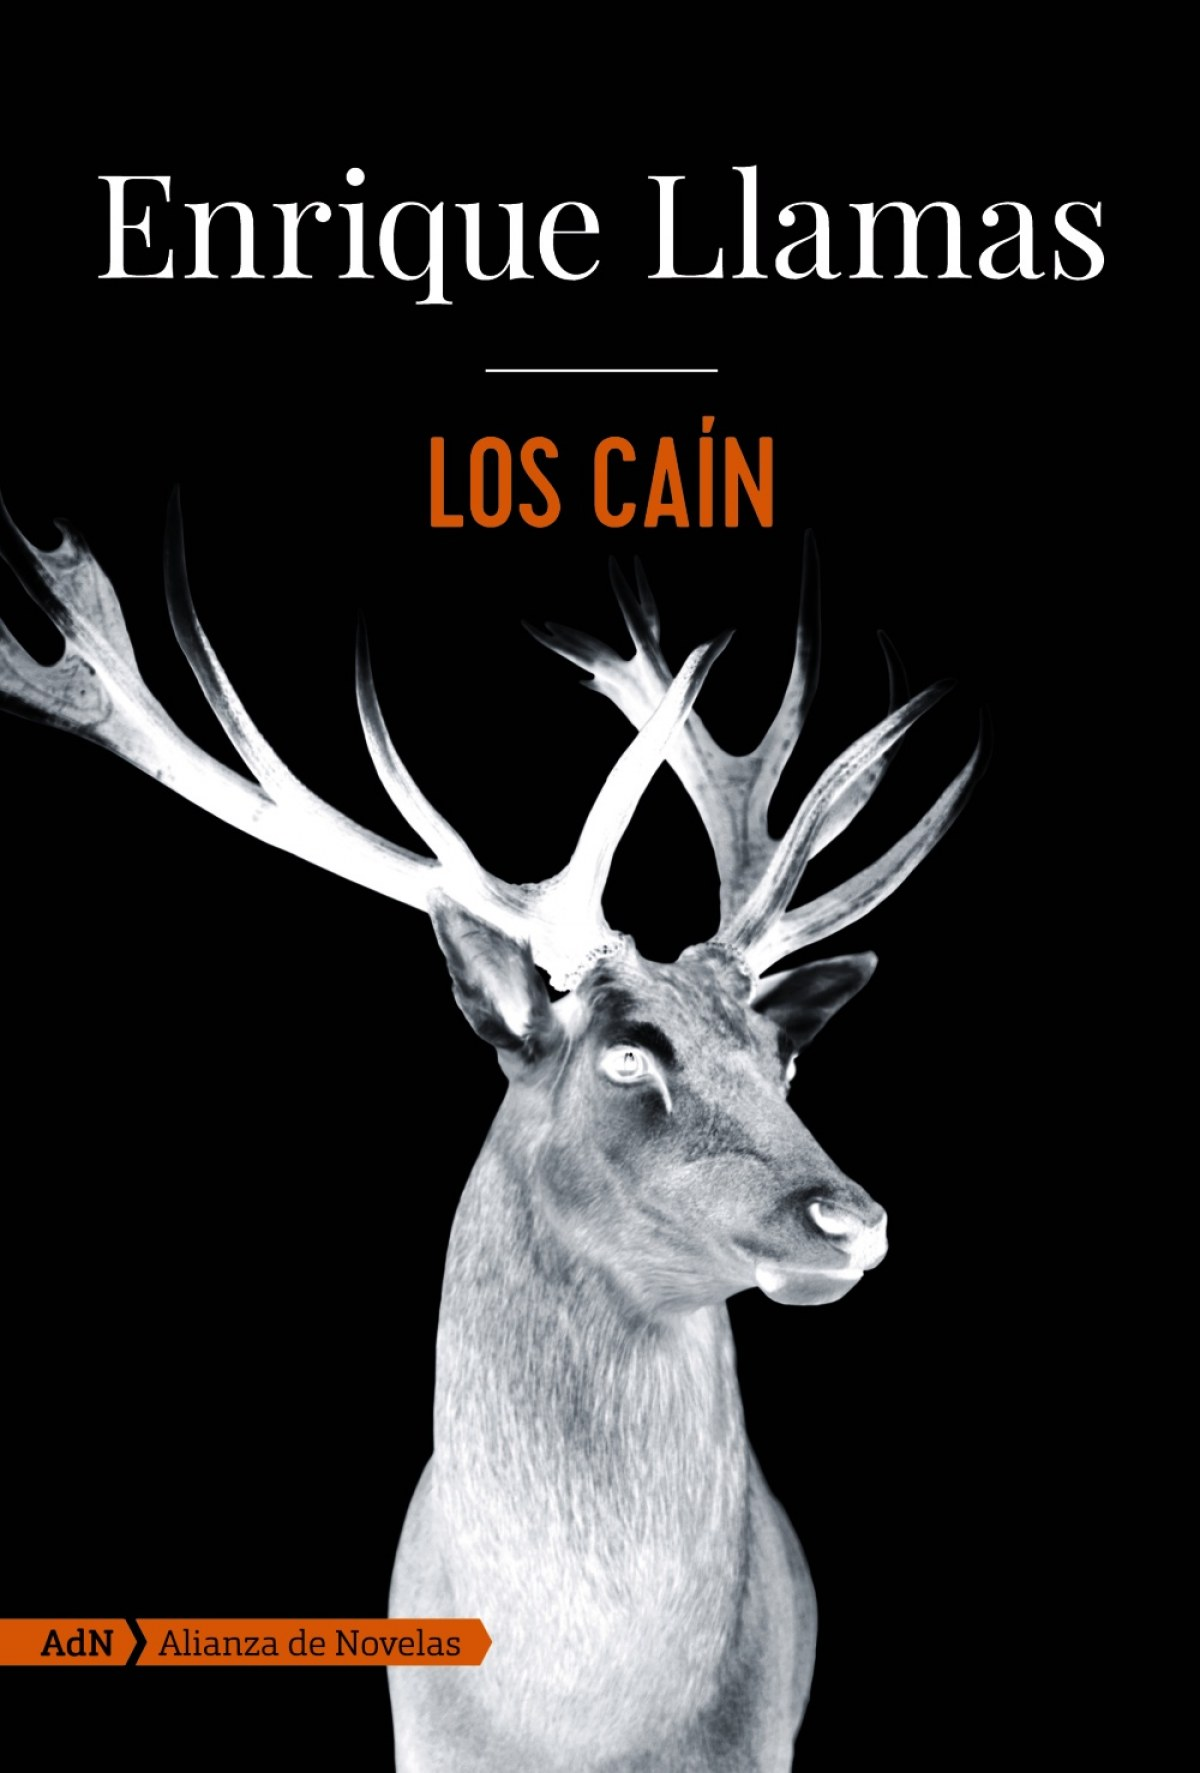 LOS CAIN 9788491810919